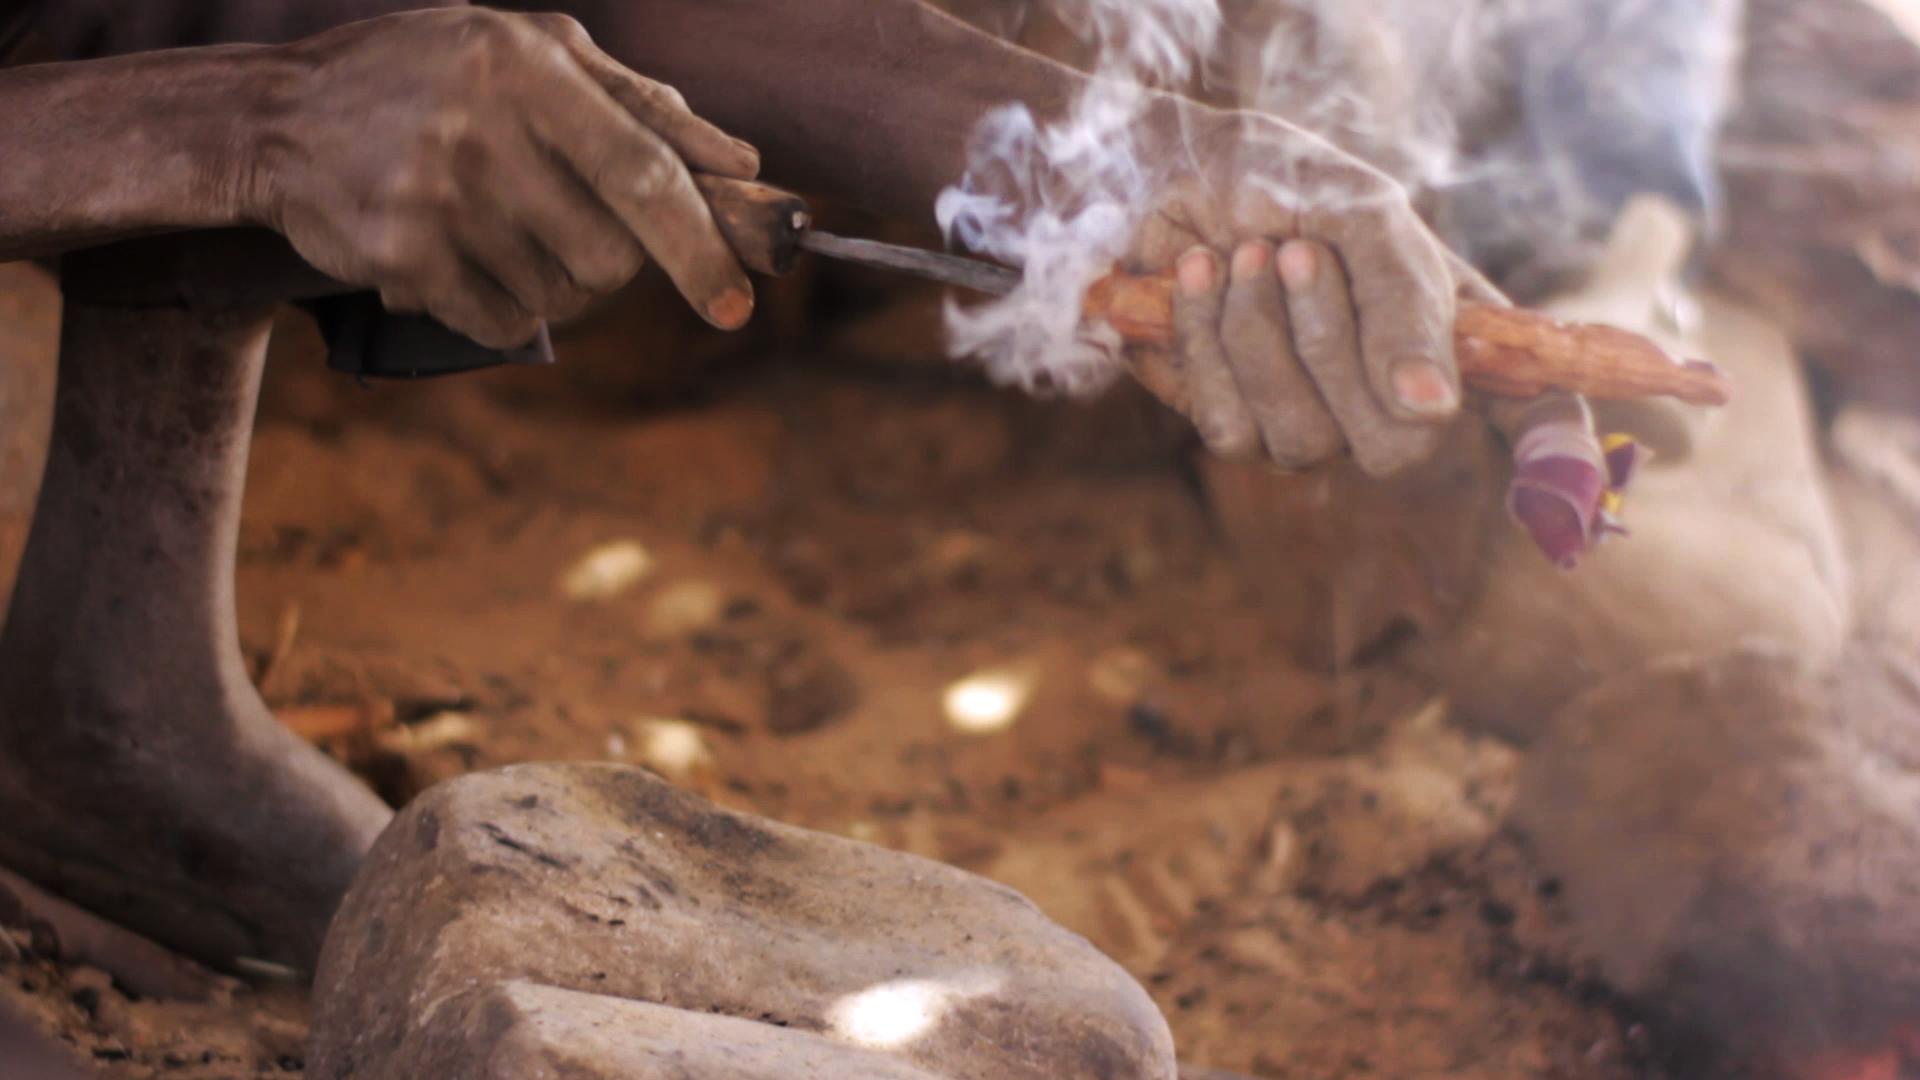 pablocaminante herrero bandido cine dogon arte - Malí 8, País Dogon V: moda, arte y religión